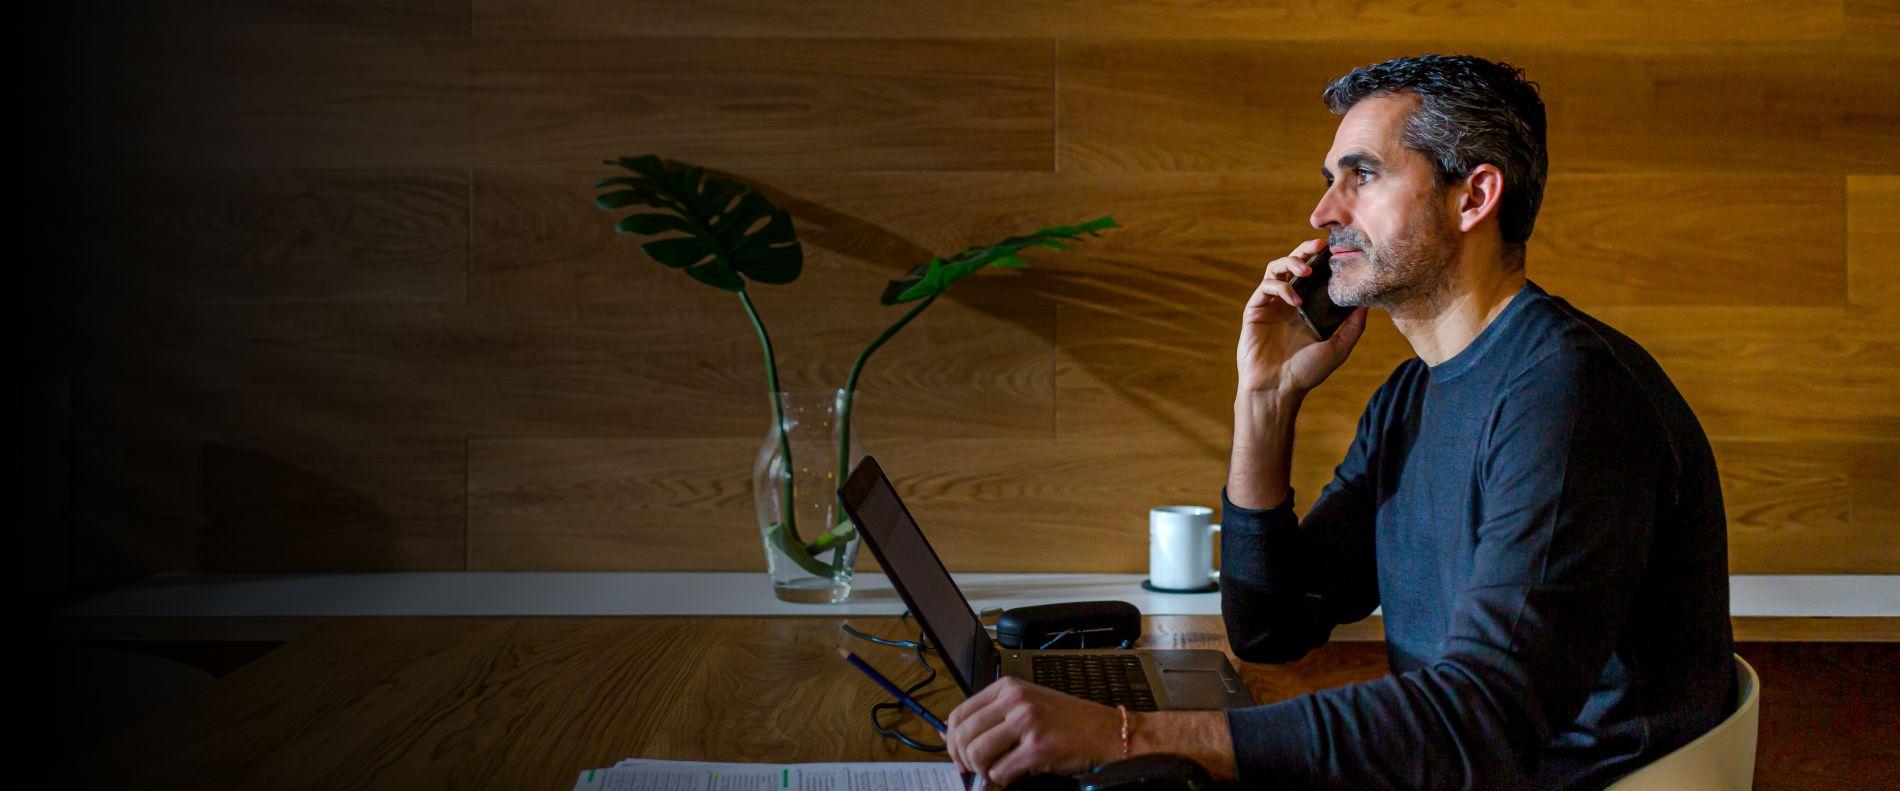 Кредитование ИП. Одобрение 80% в день звонка. Ставка от 5,7%. Ежемесячный платёж от 1394,33 р/мес.